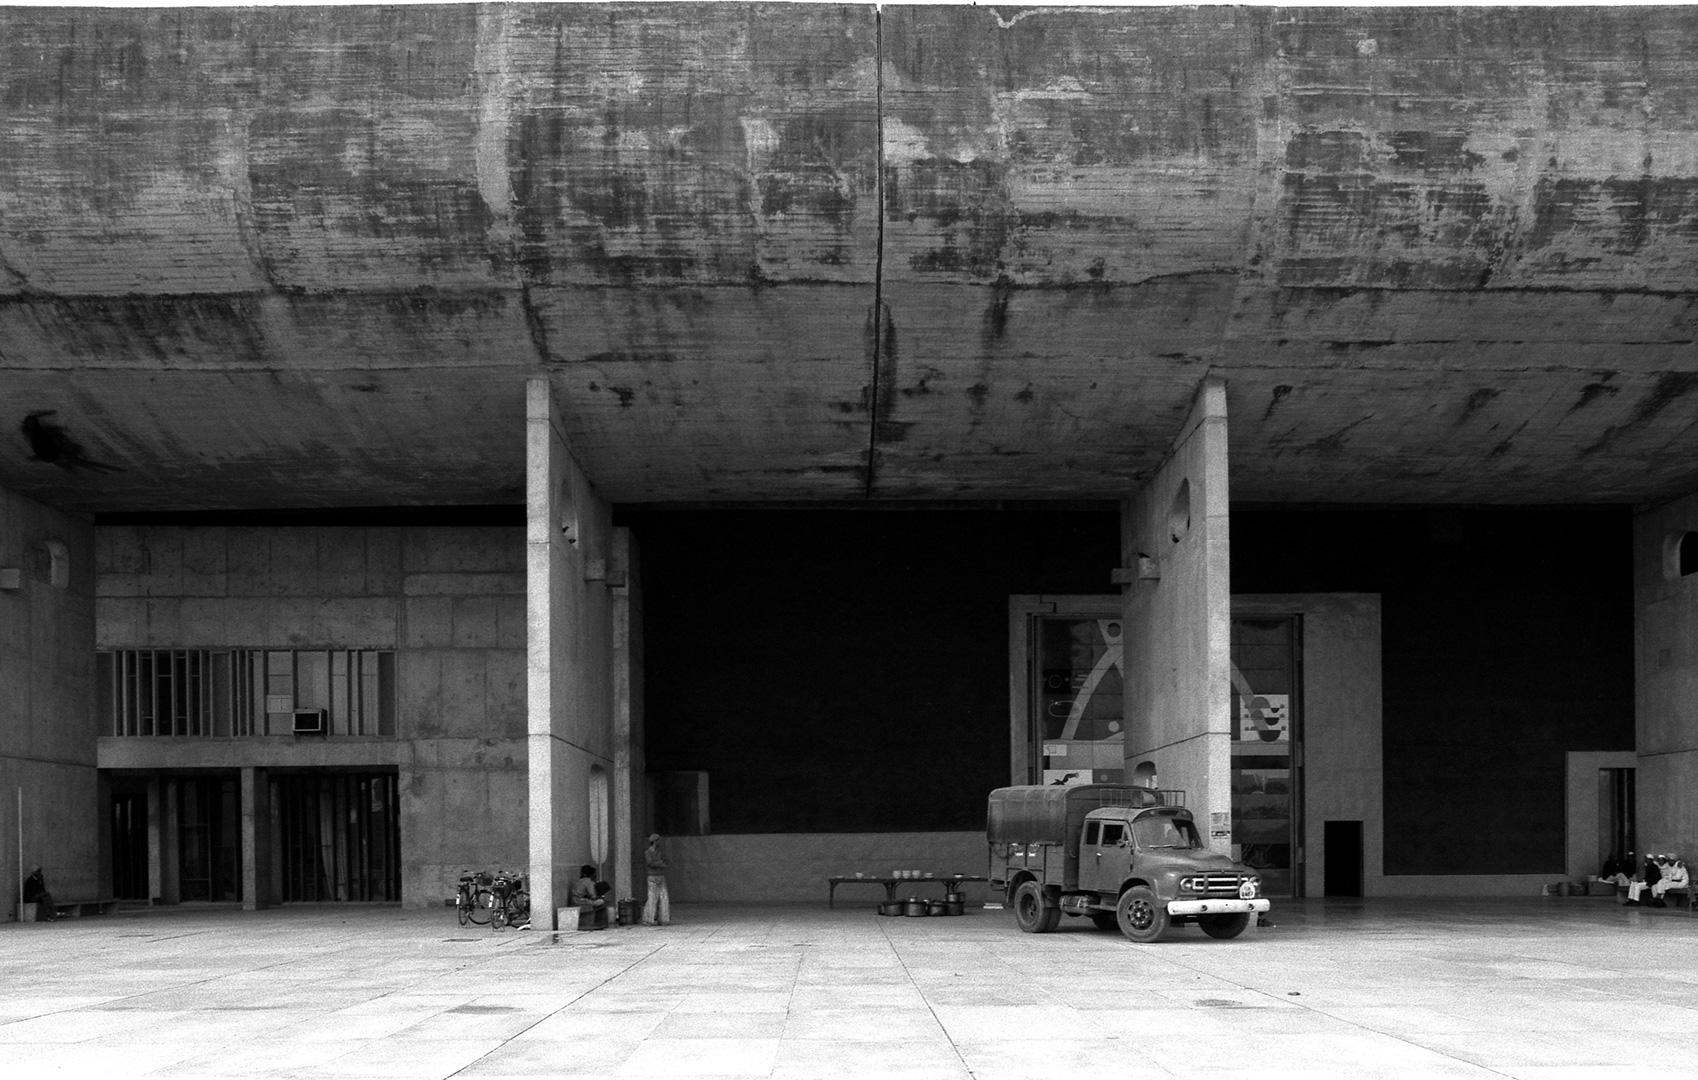 le-corbusier_07_Le_Corbusier_Chadingarh_LC1_927-24-CHA